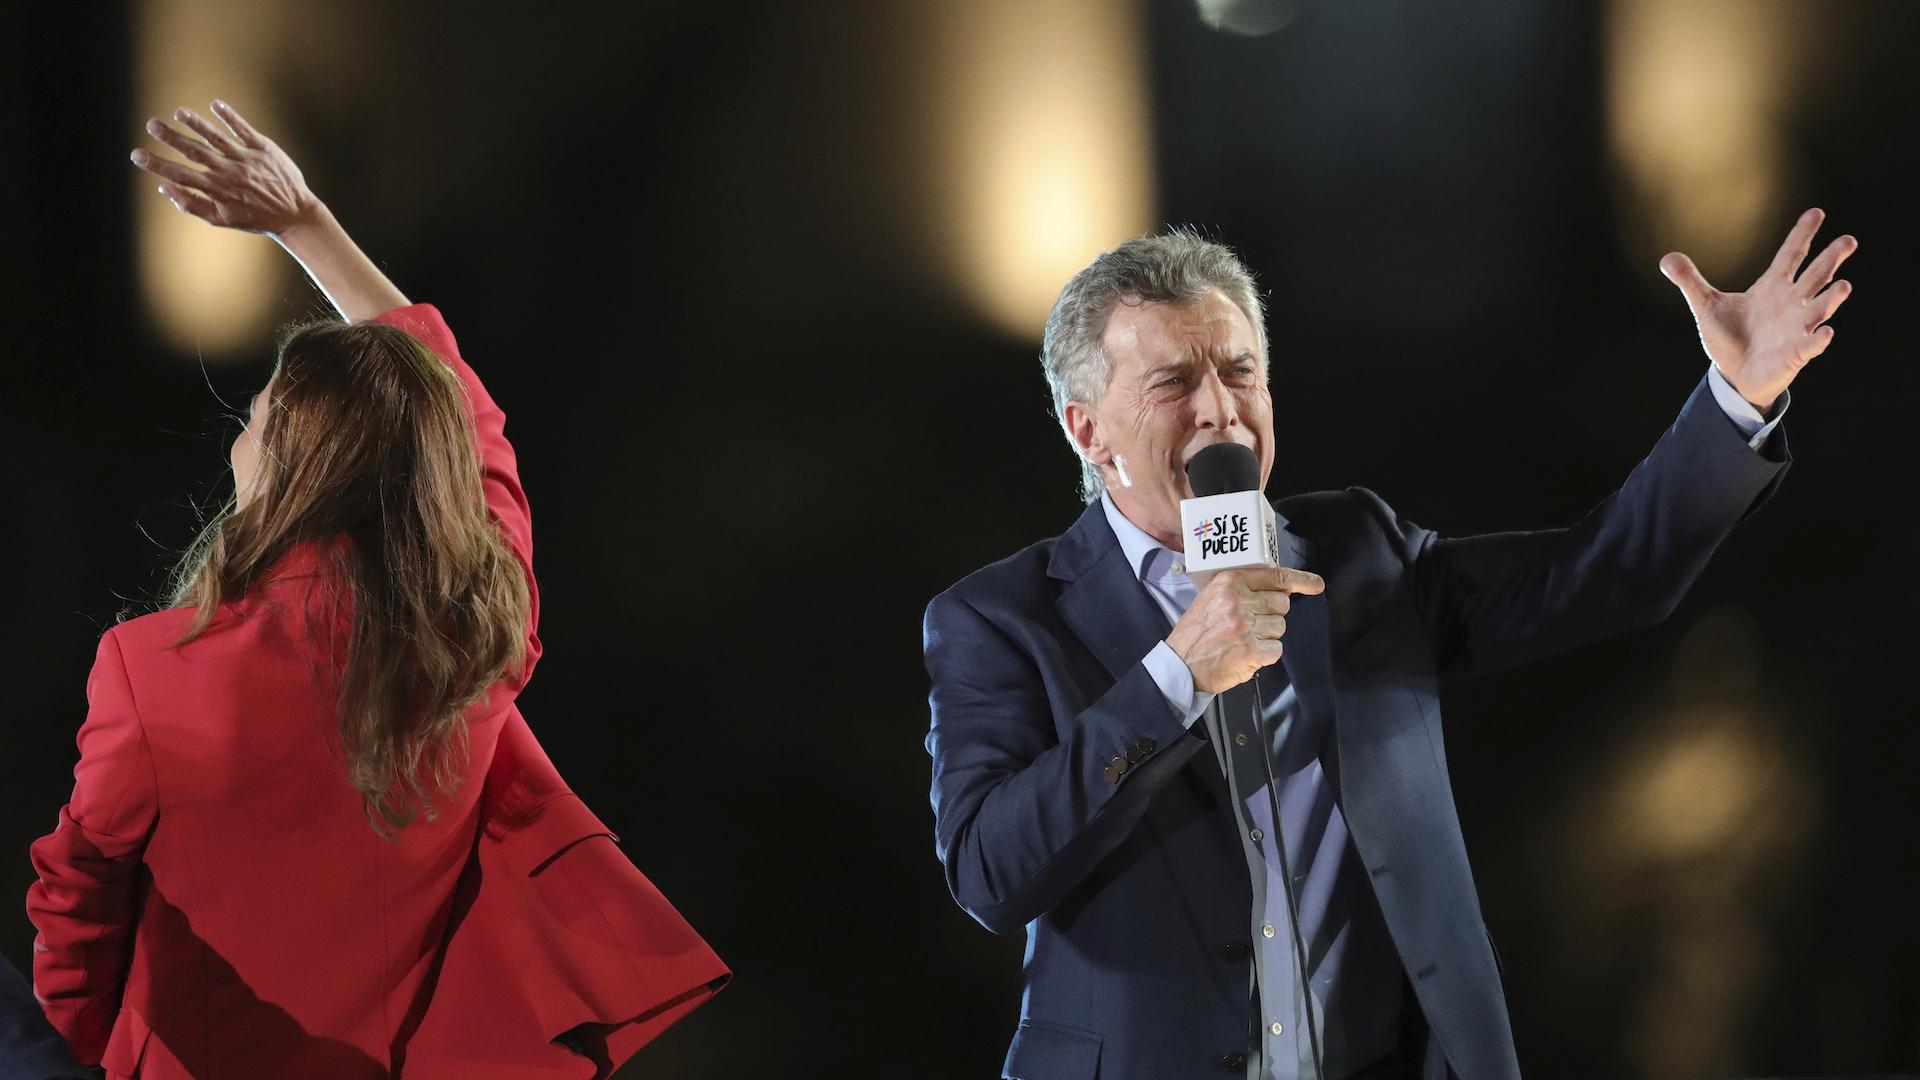 Macri y su rival Fernández votan en polarizadas elecciones